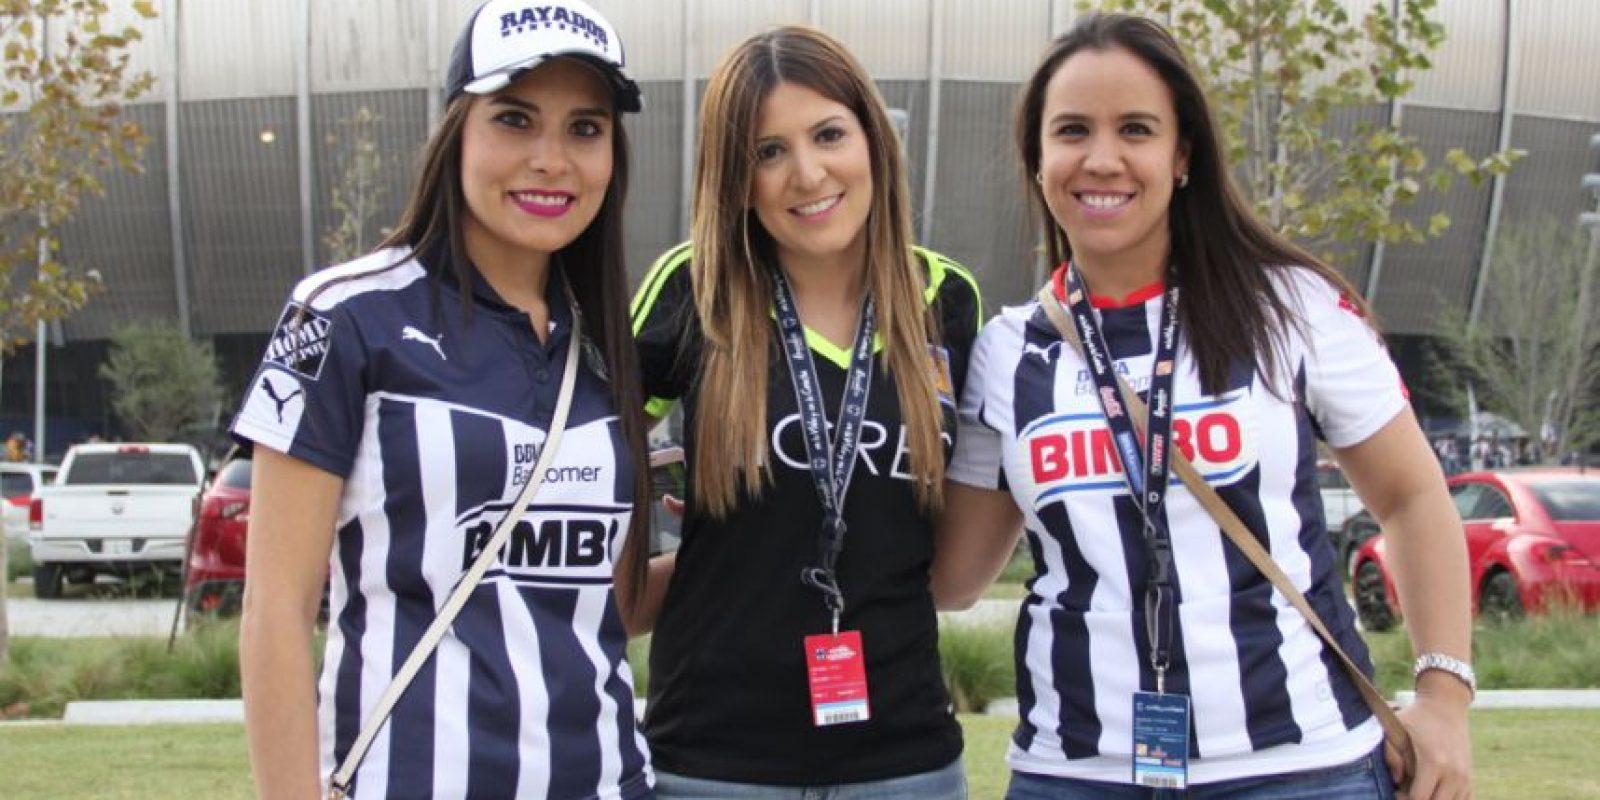 El Bronco instó a las aficiones a convivir en esta fiesta del futbol. Foto:Israel Salazar